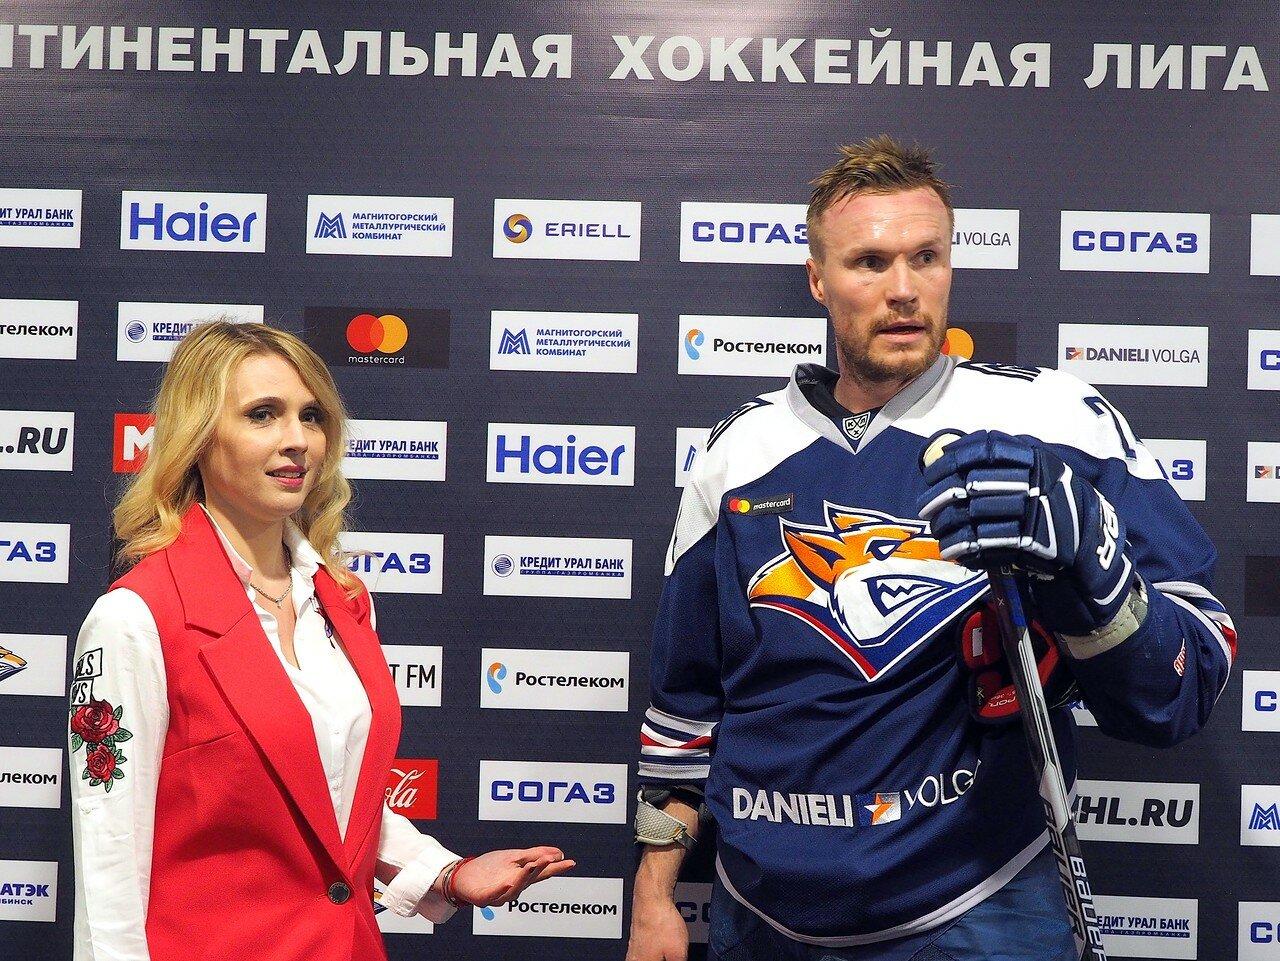 58 Первая игра финала плей-офф восточной конференции 2017 Металлург - АкБарс 24.03.2017